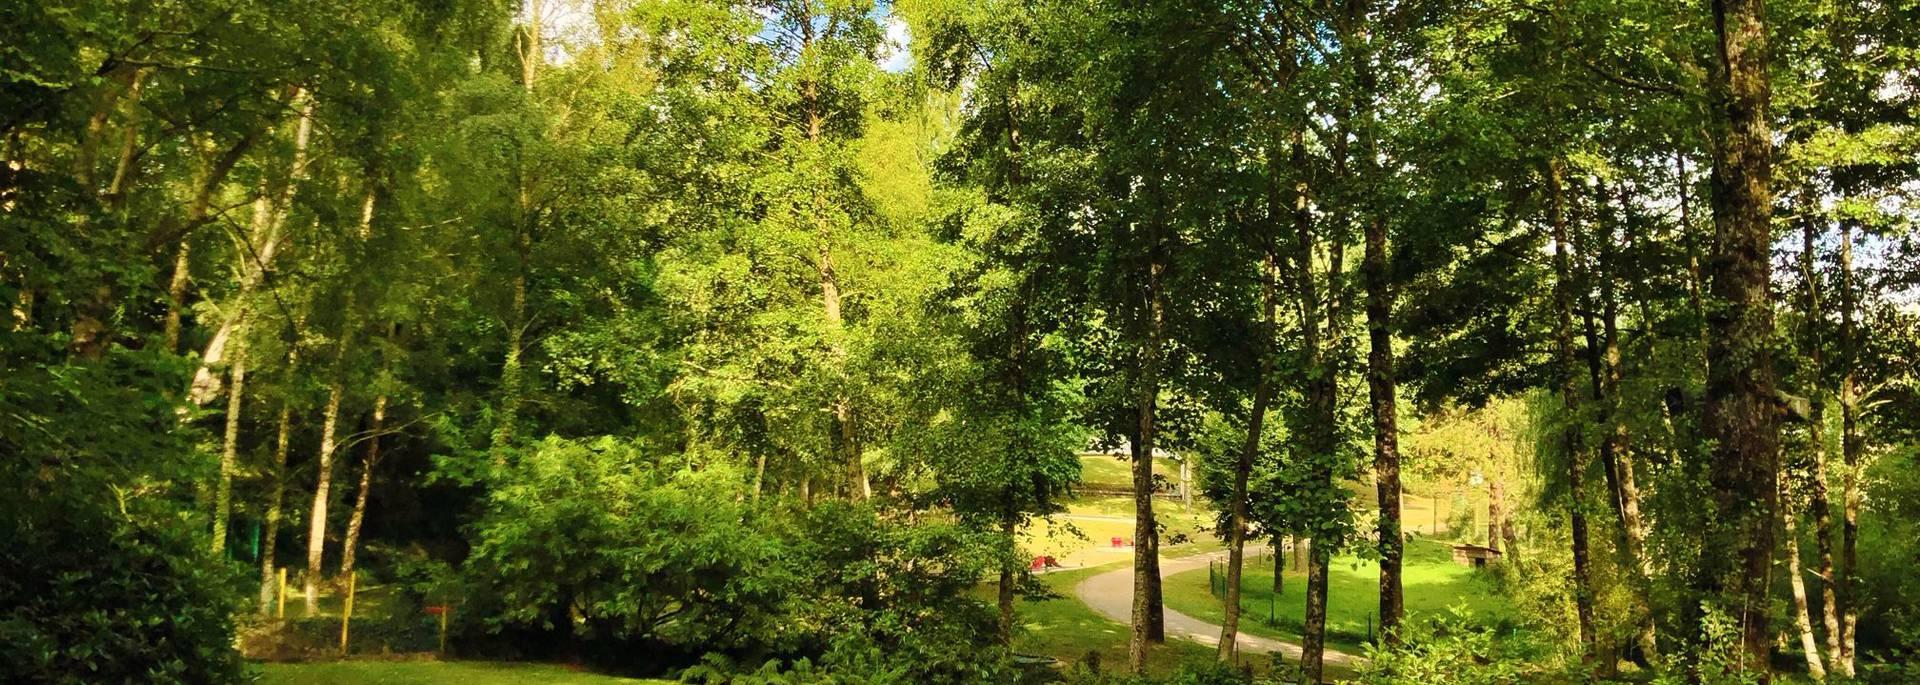 Crédit photo : Marie-Laura Grosse - Armoripark-Bégard-Parc de loisirs